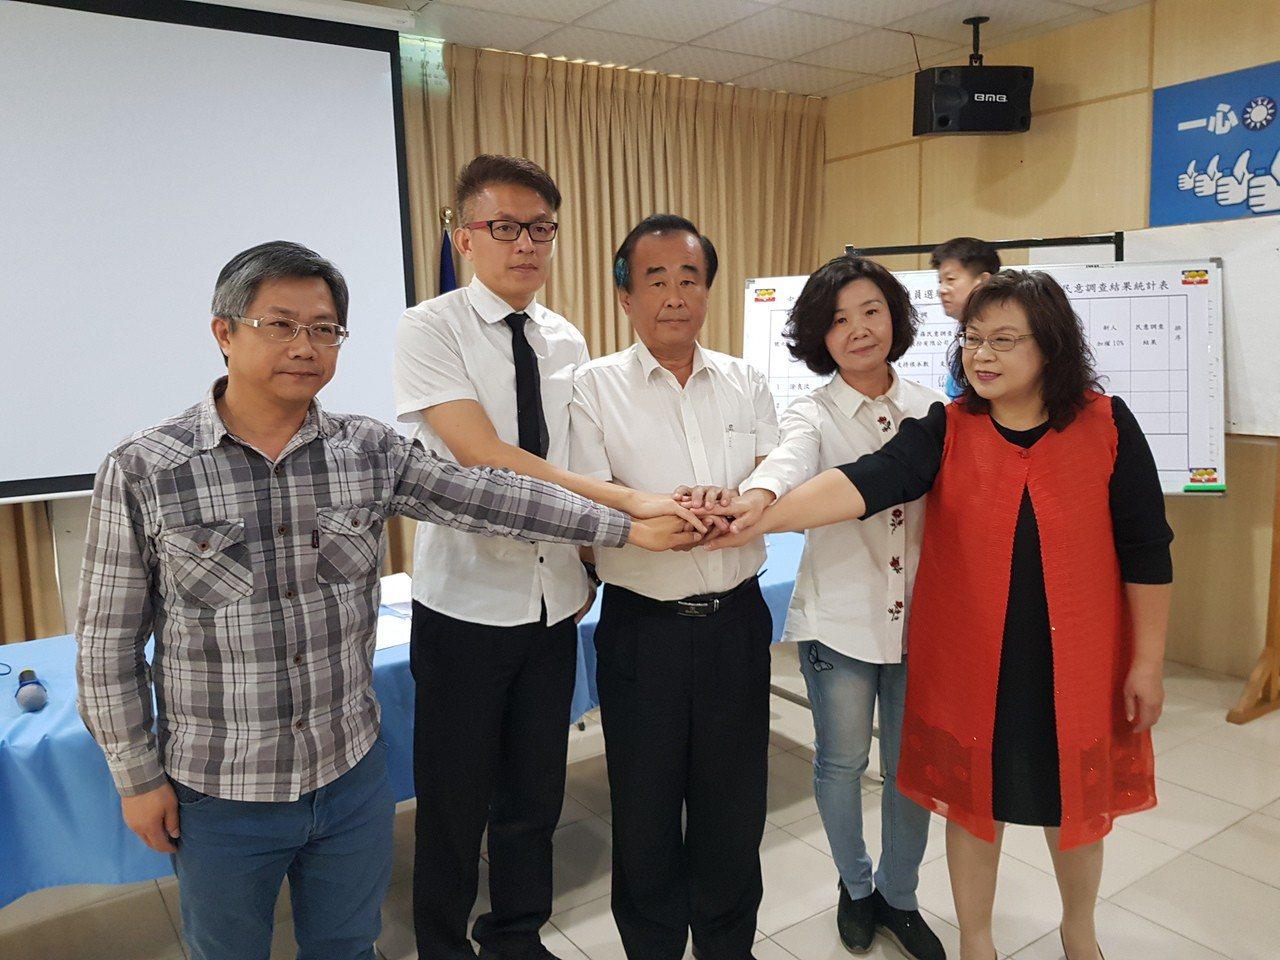 國民黨台南市黨部昨天公布市議員第3選區的民調結果,由尤榮智(中)勝出,與其他登記...